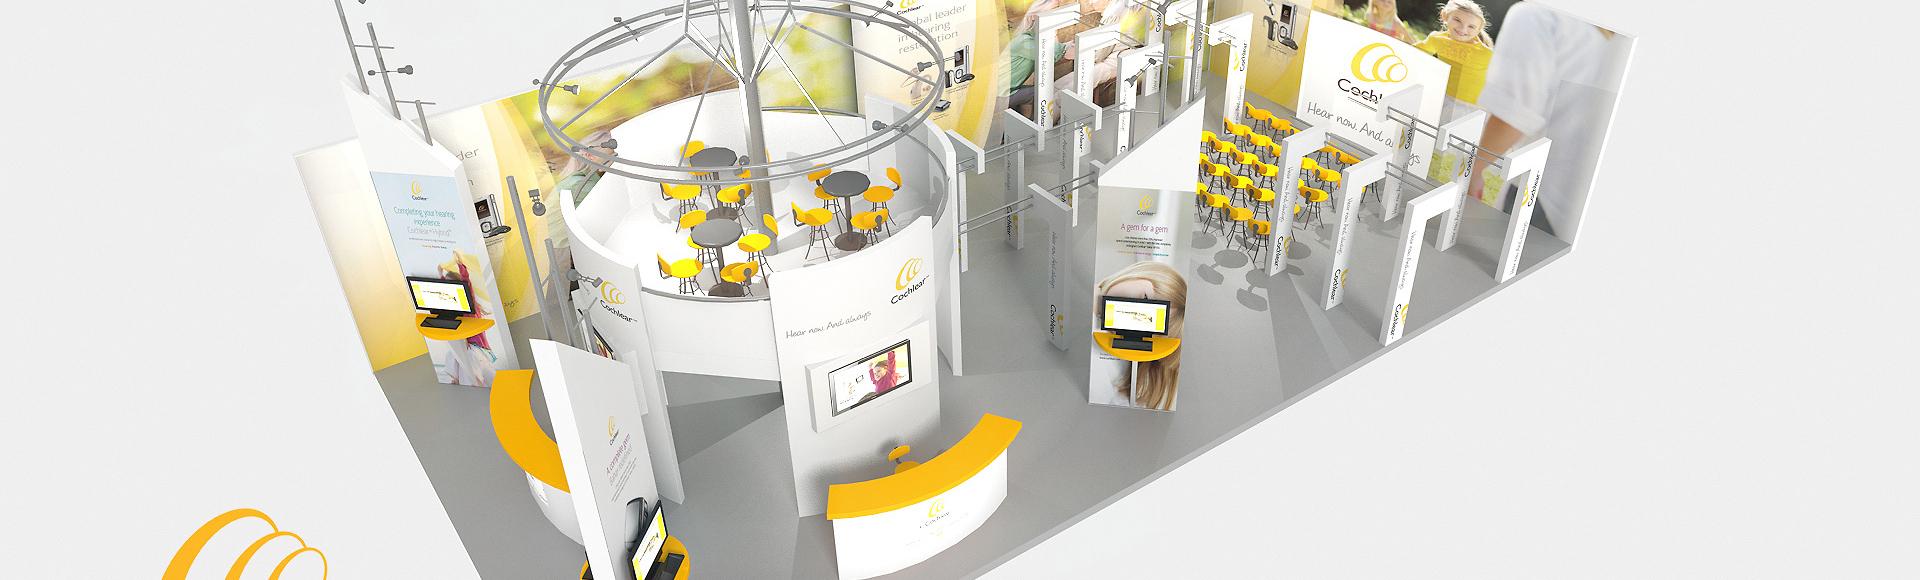 Design d'un stand d'exposition pour cochlear - booth